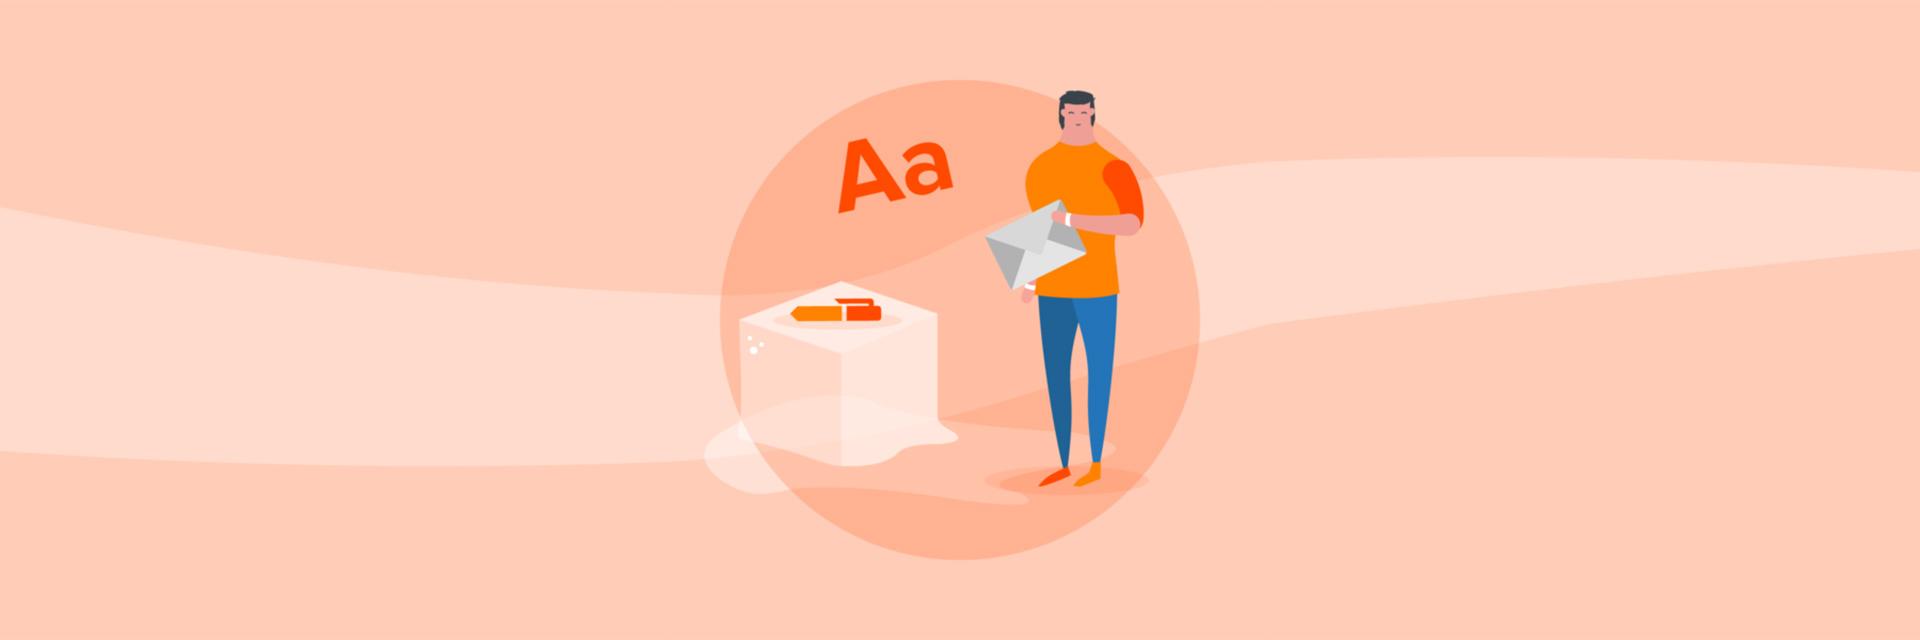 用着30个免费开场白例句来提高你的外贸开发信阅读率